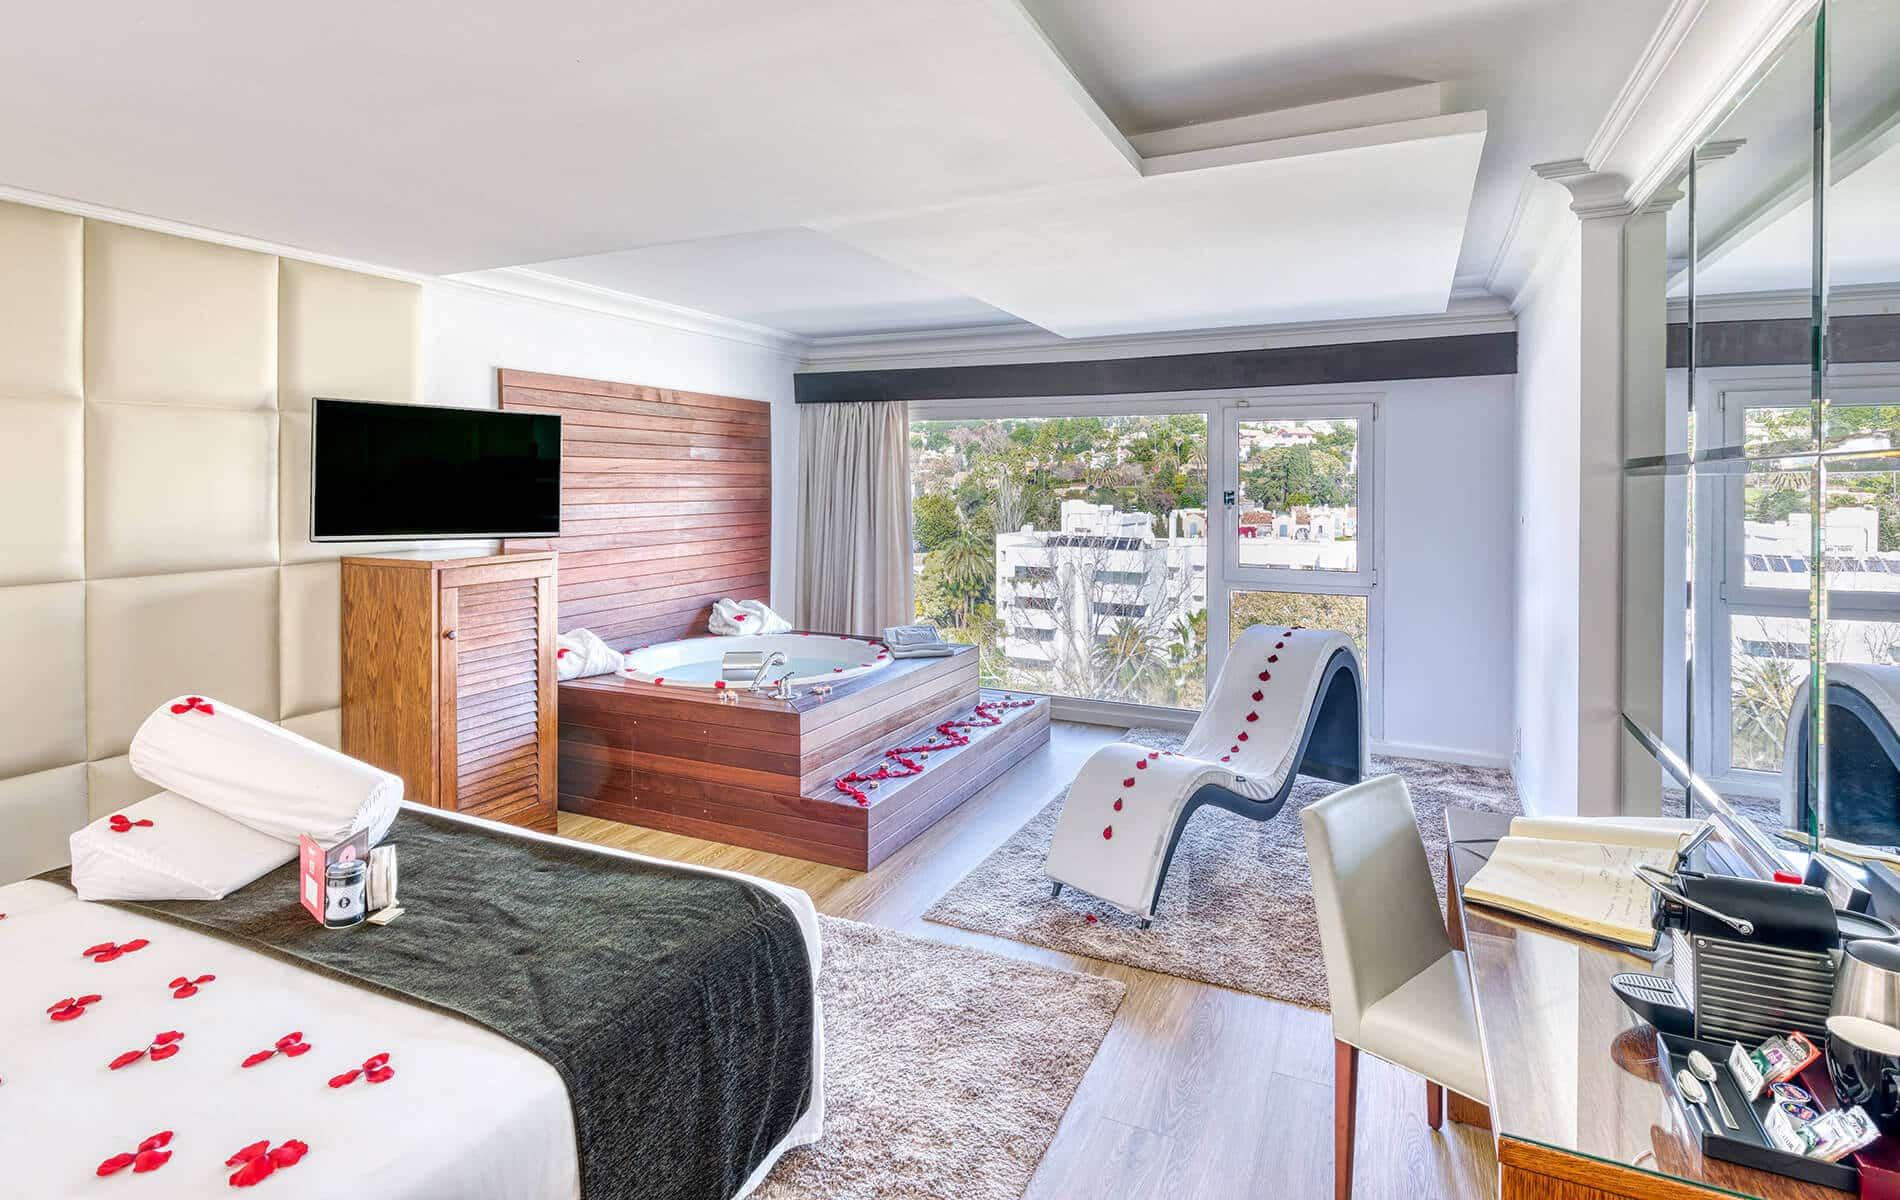 Romantisch hotels Marbella